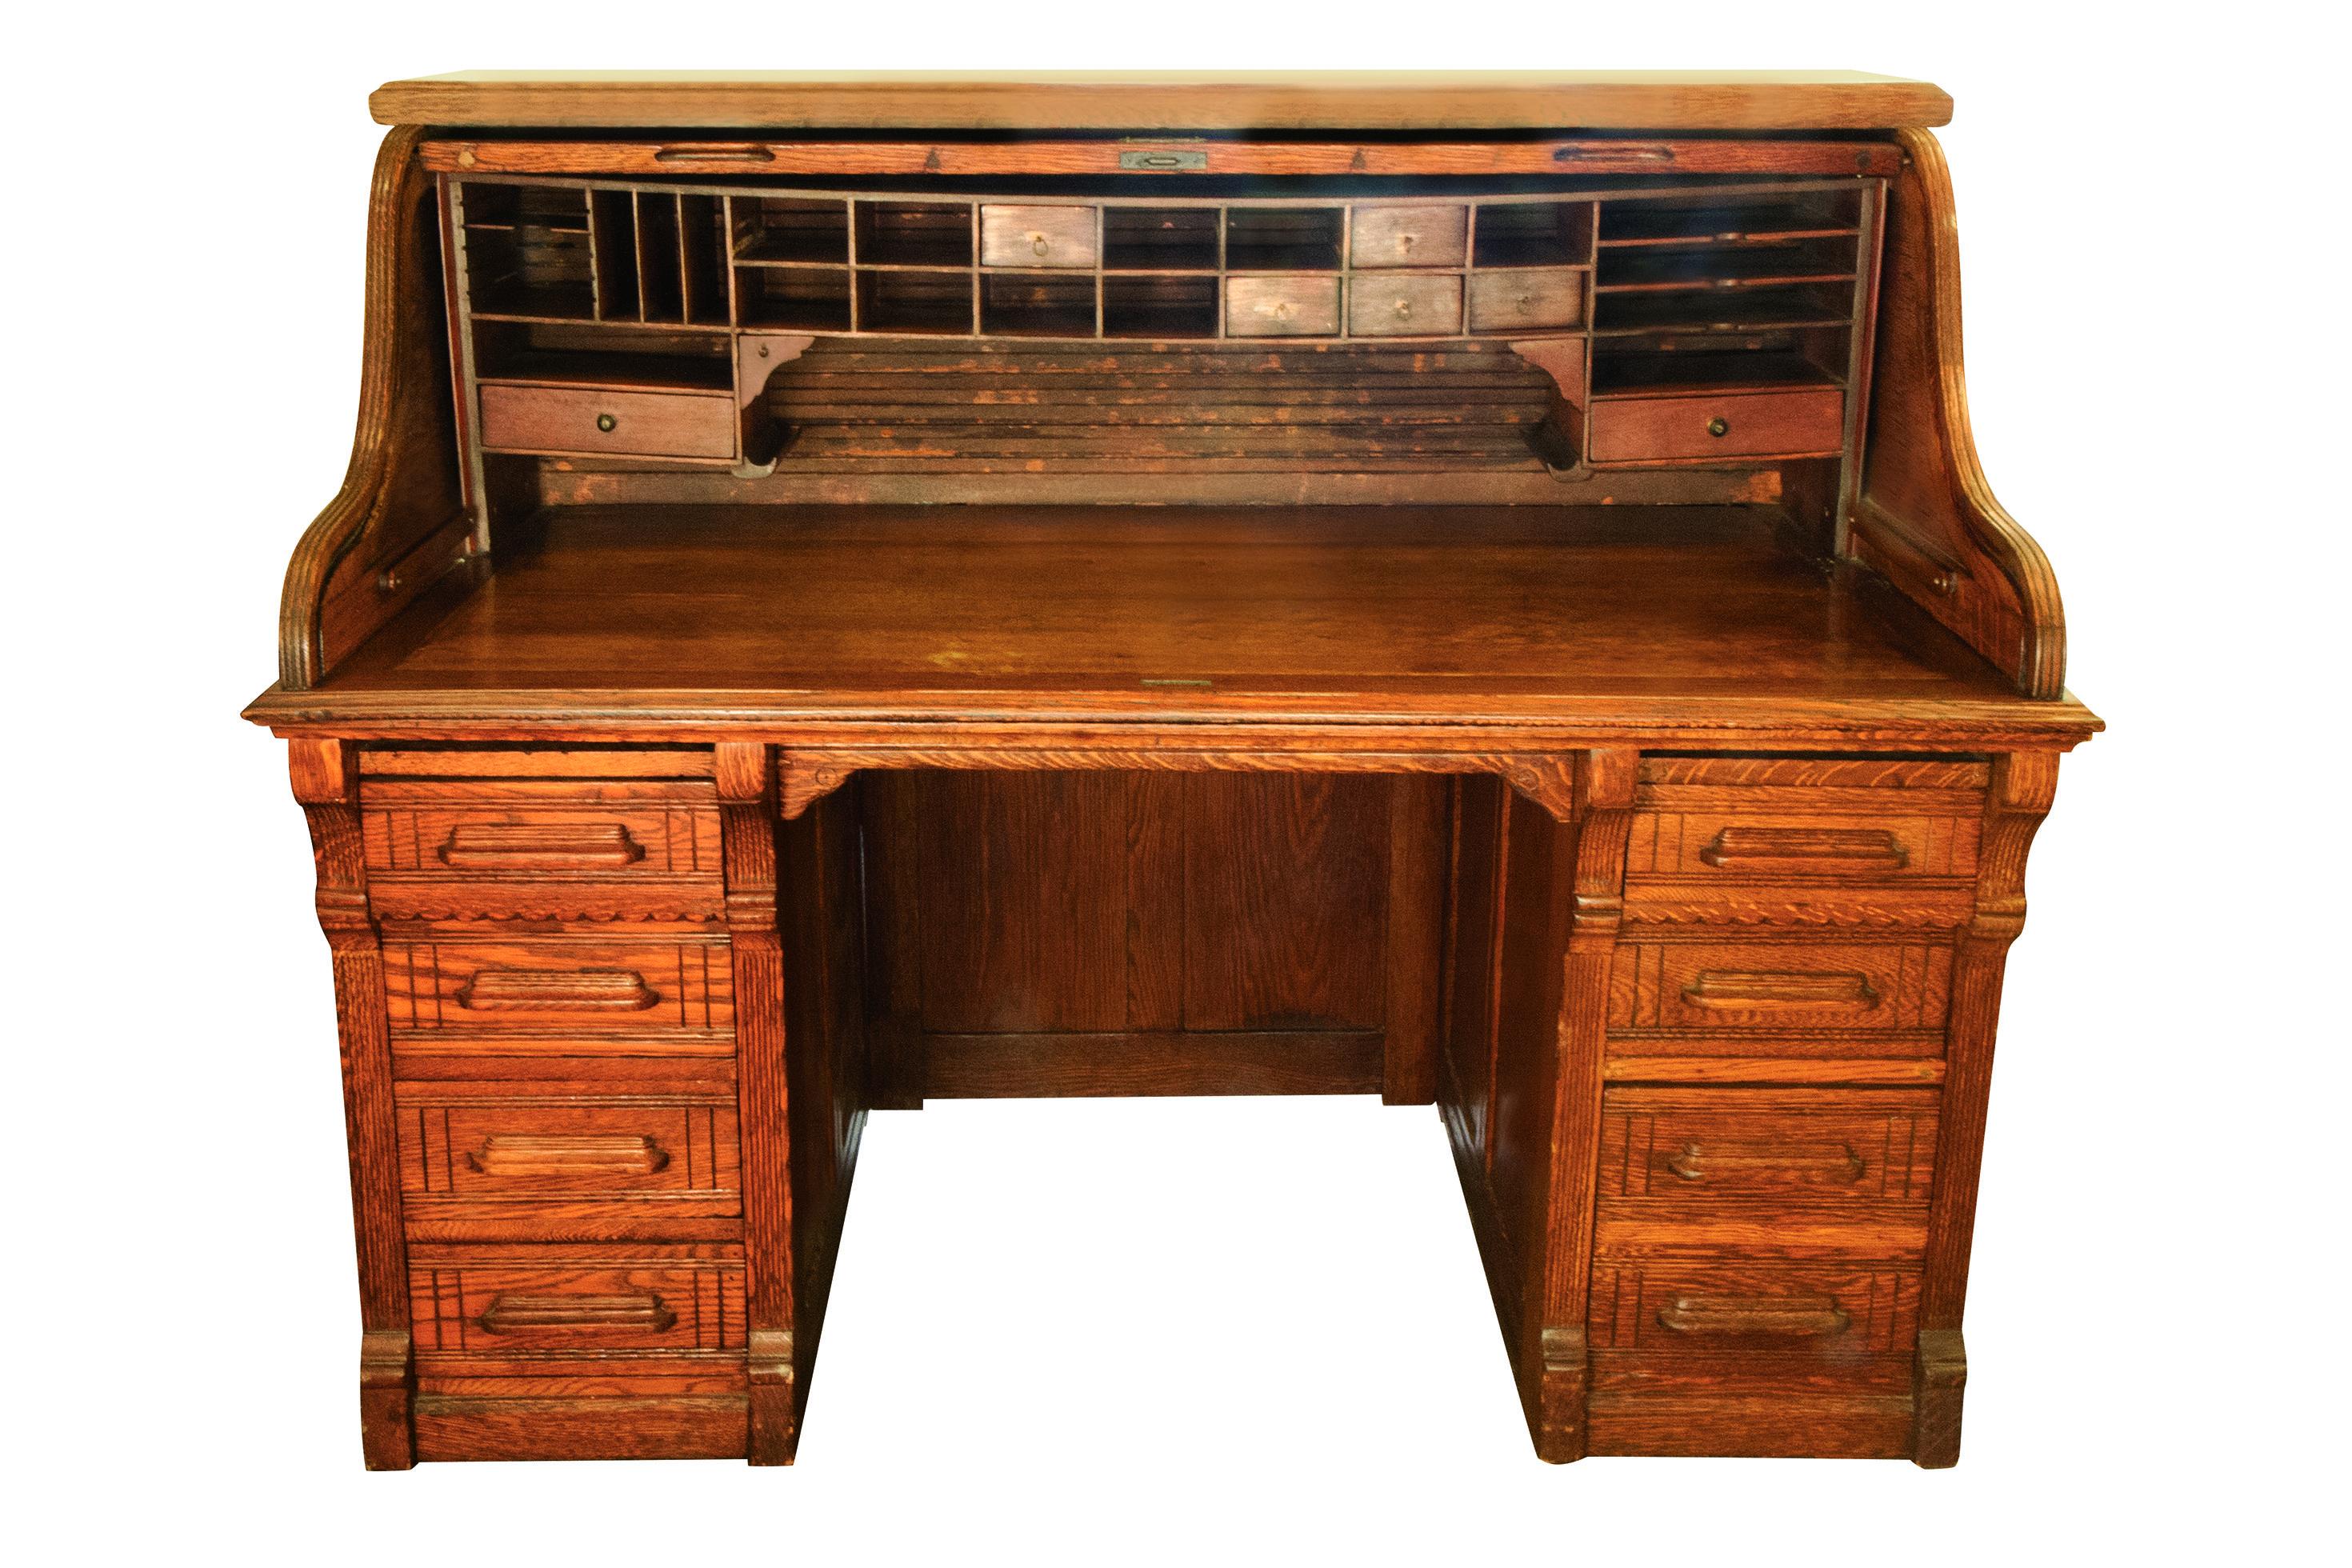 Oak Roll Top Desk On Wheels Retail Shelving Shelf Unit Roll Top Desk